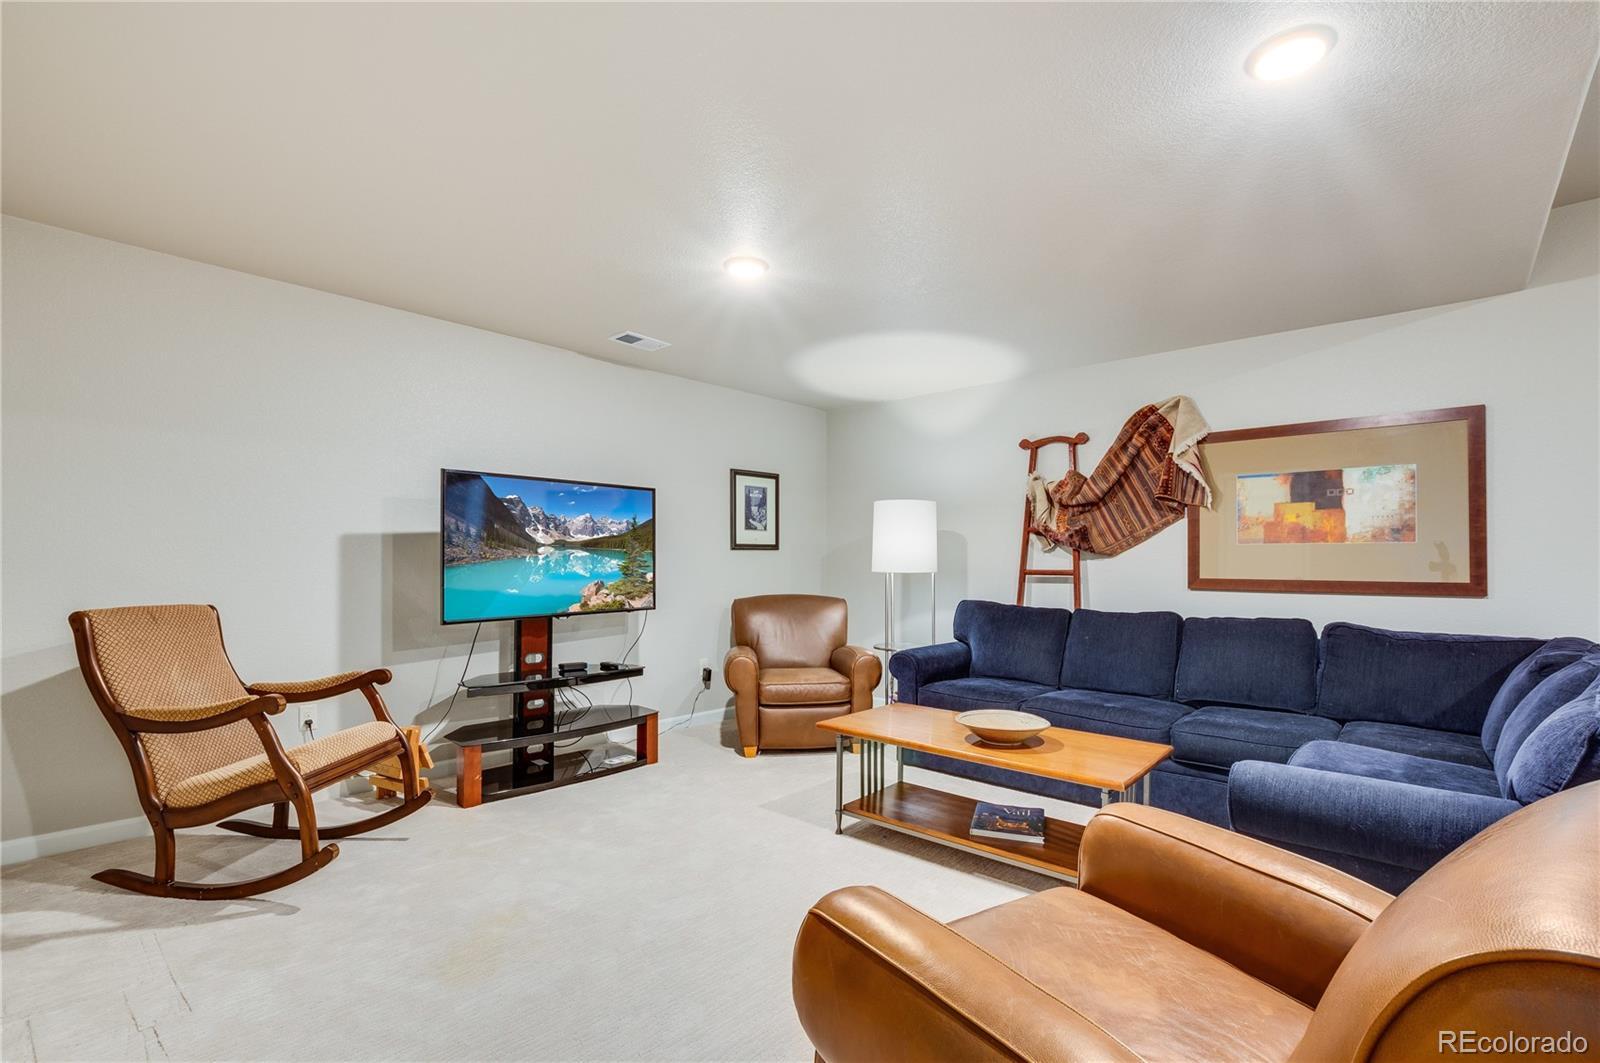 MLS# 9892836 - 28 - 6372 Cubbage Drive, Colorado Springs, CO 80924